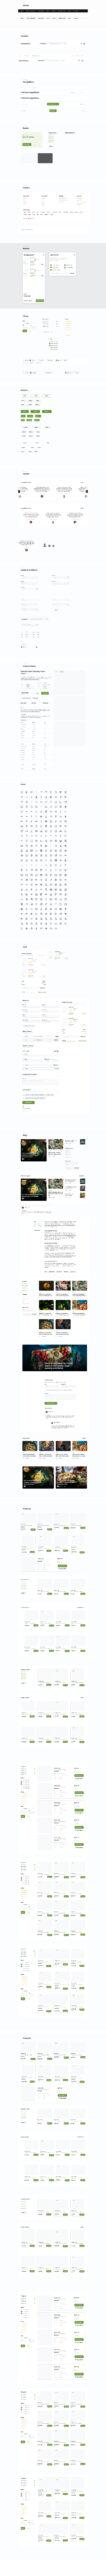 电子商务网站UI设计套件插图1